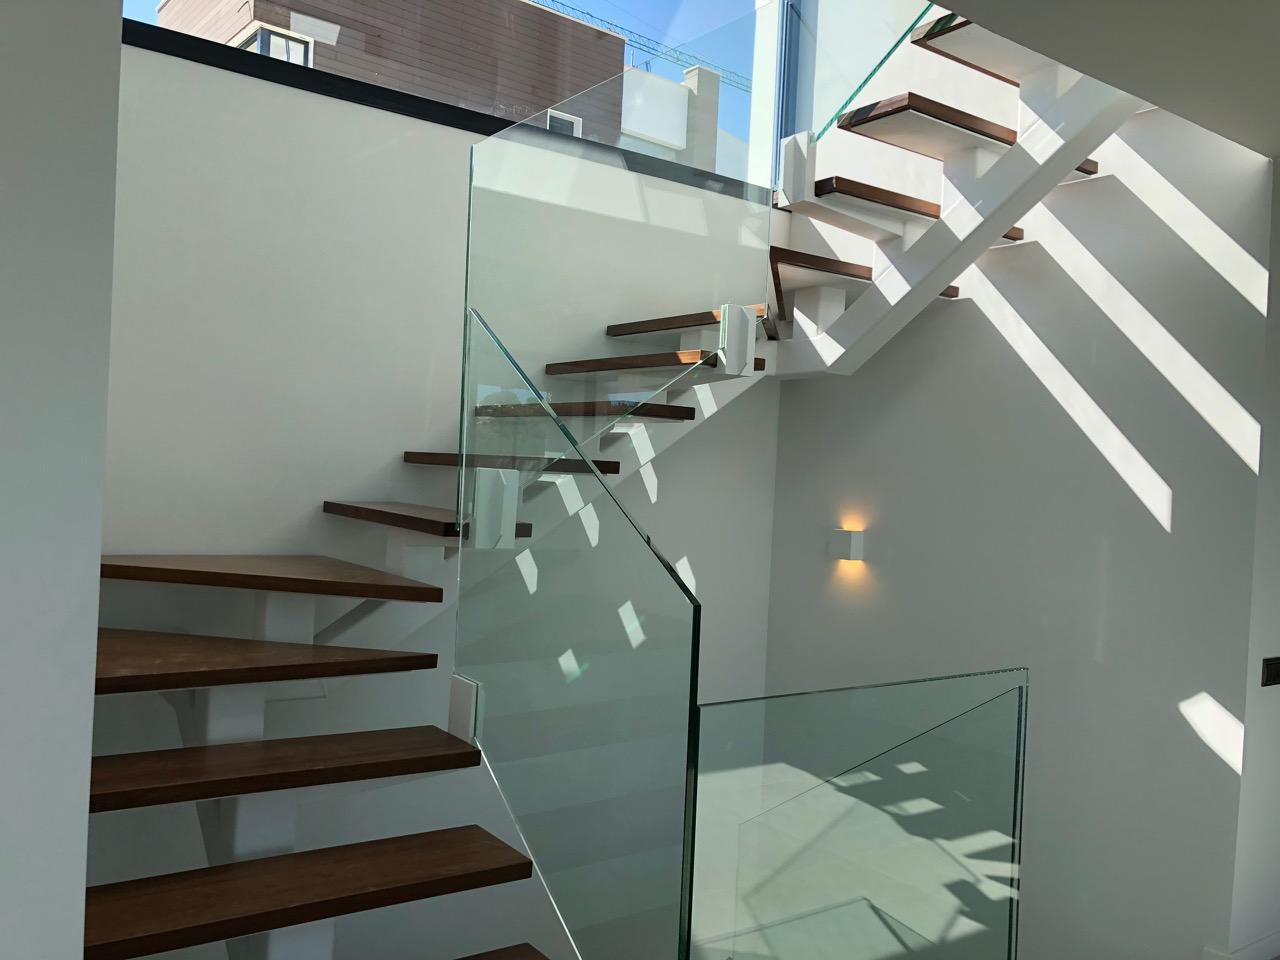 26/05/2018 Villa 3 - staircase